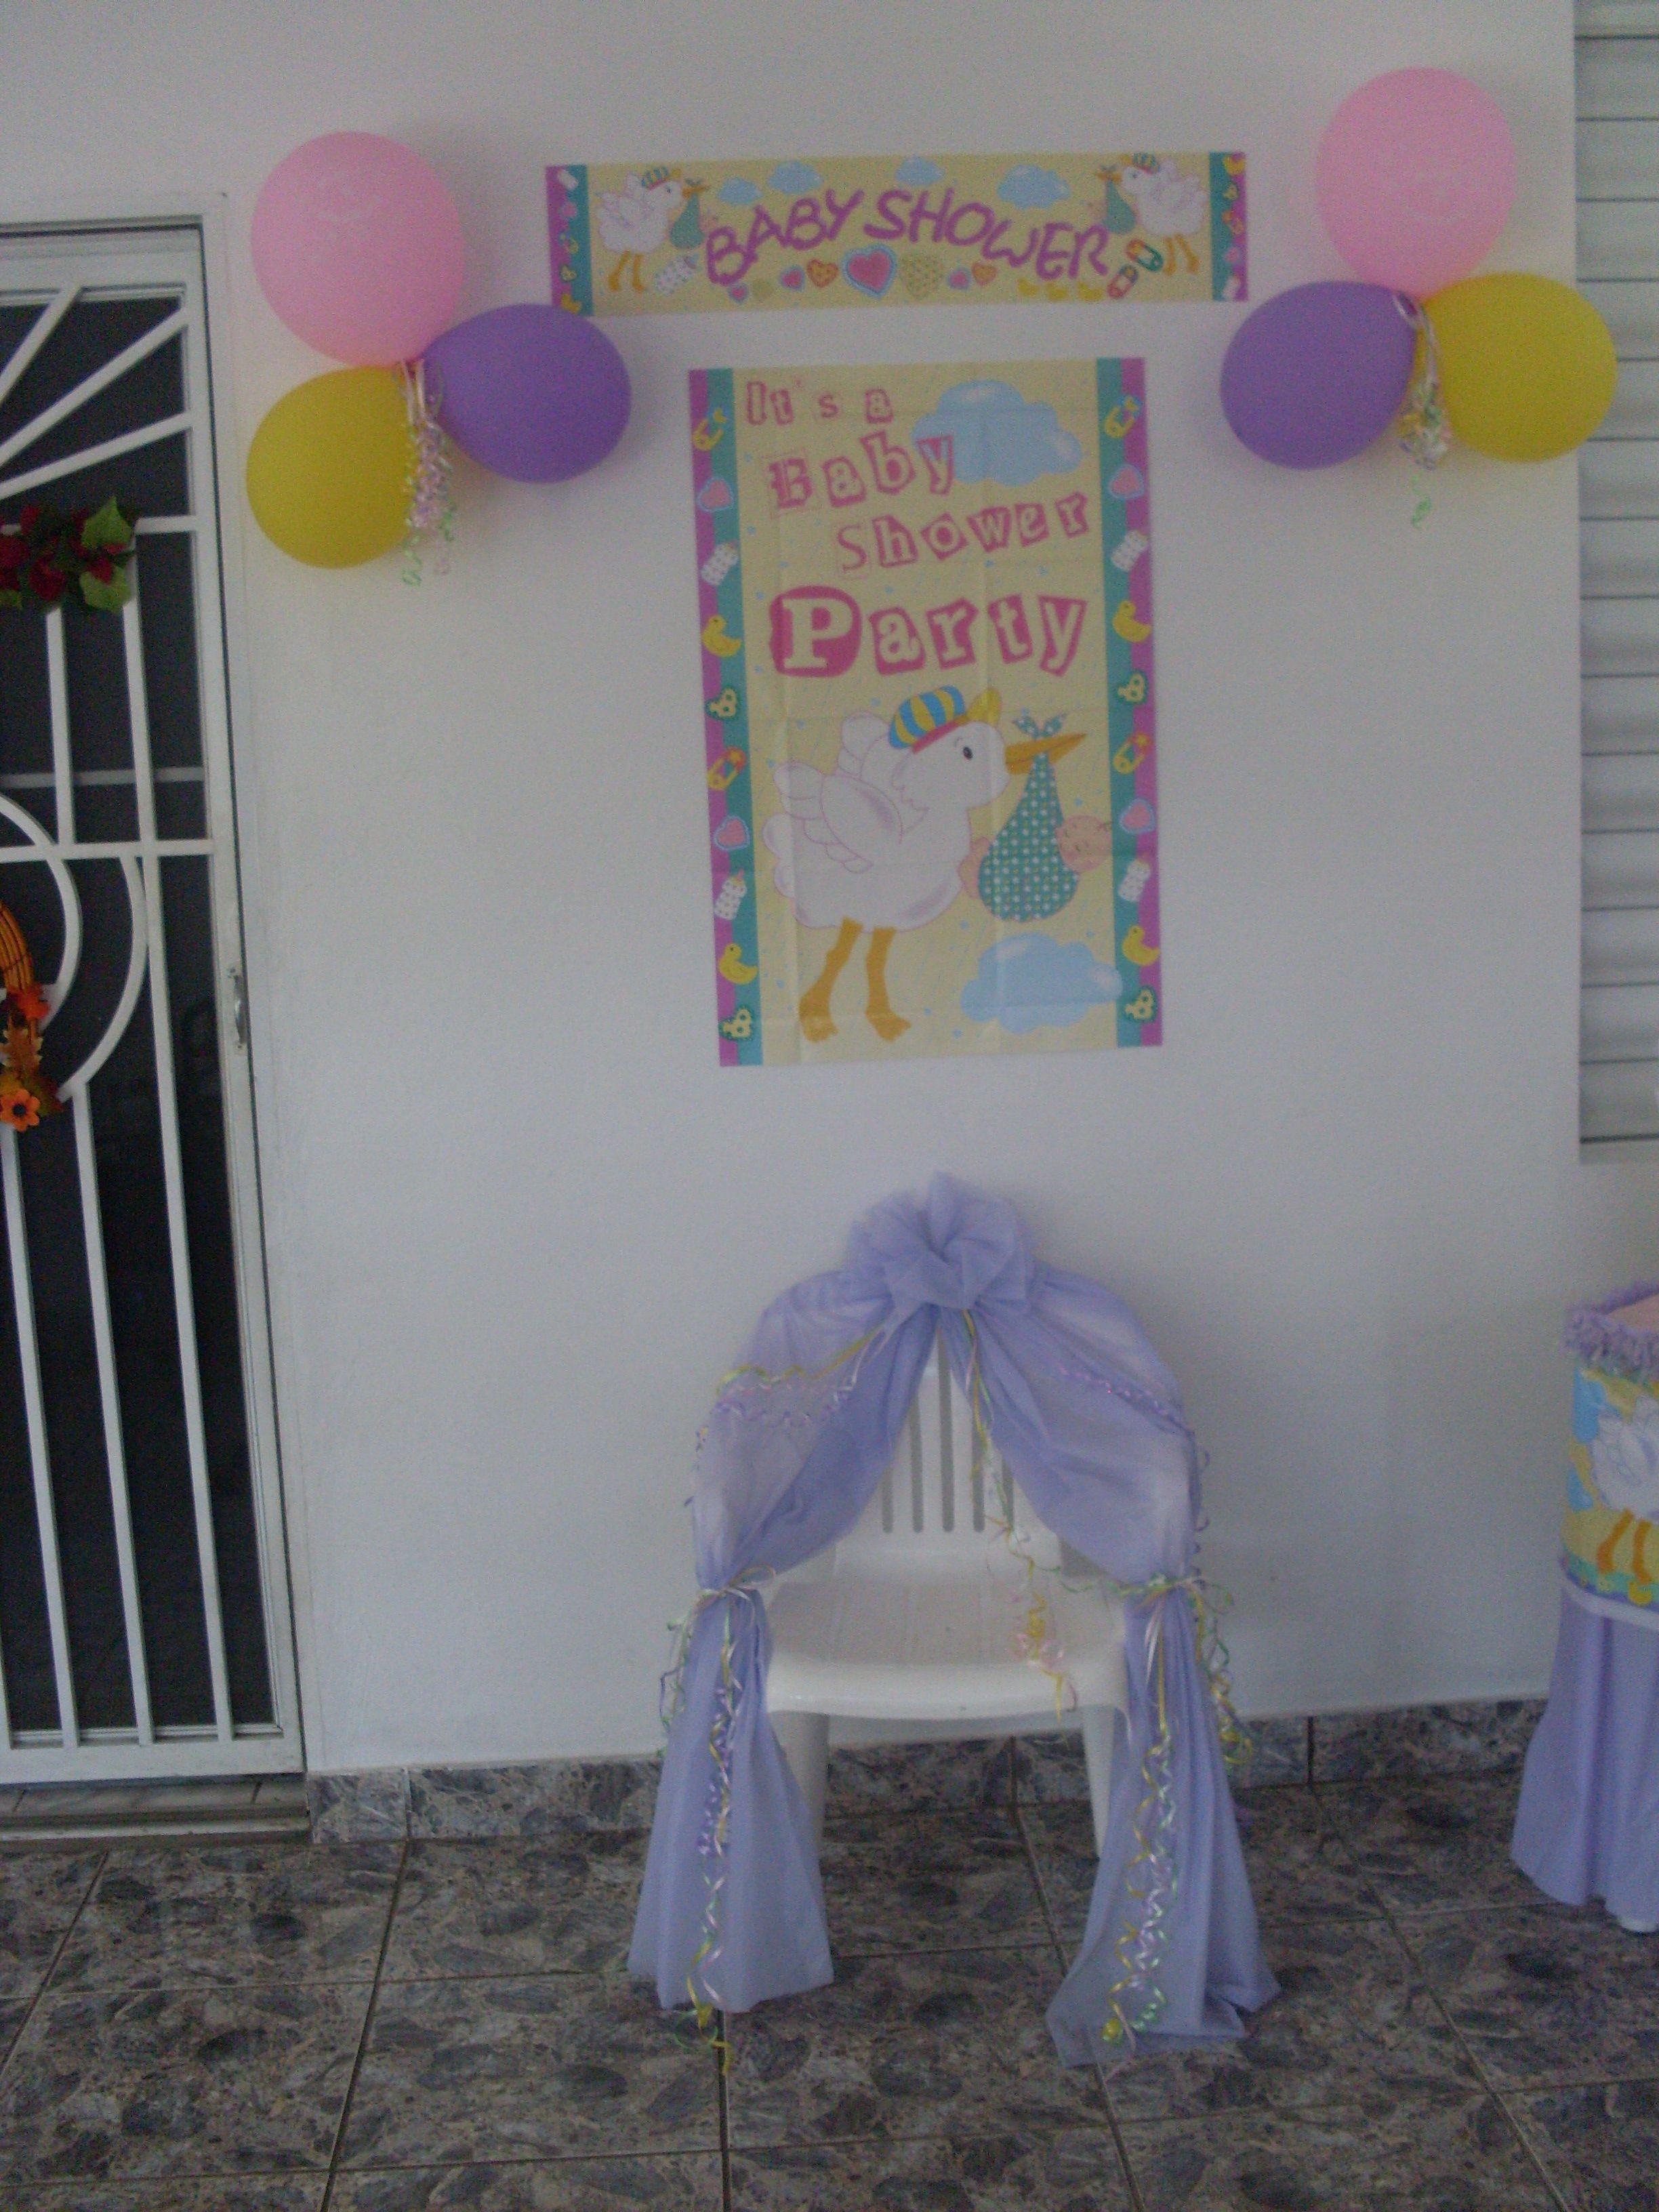 High Quality JPG (2448Ãu20143264) | Baby Shower IIdeas | Pinterest